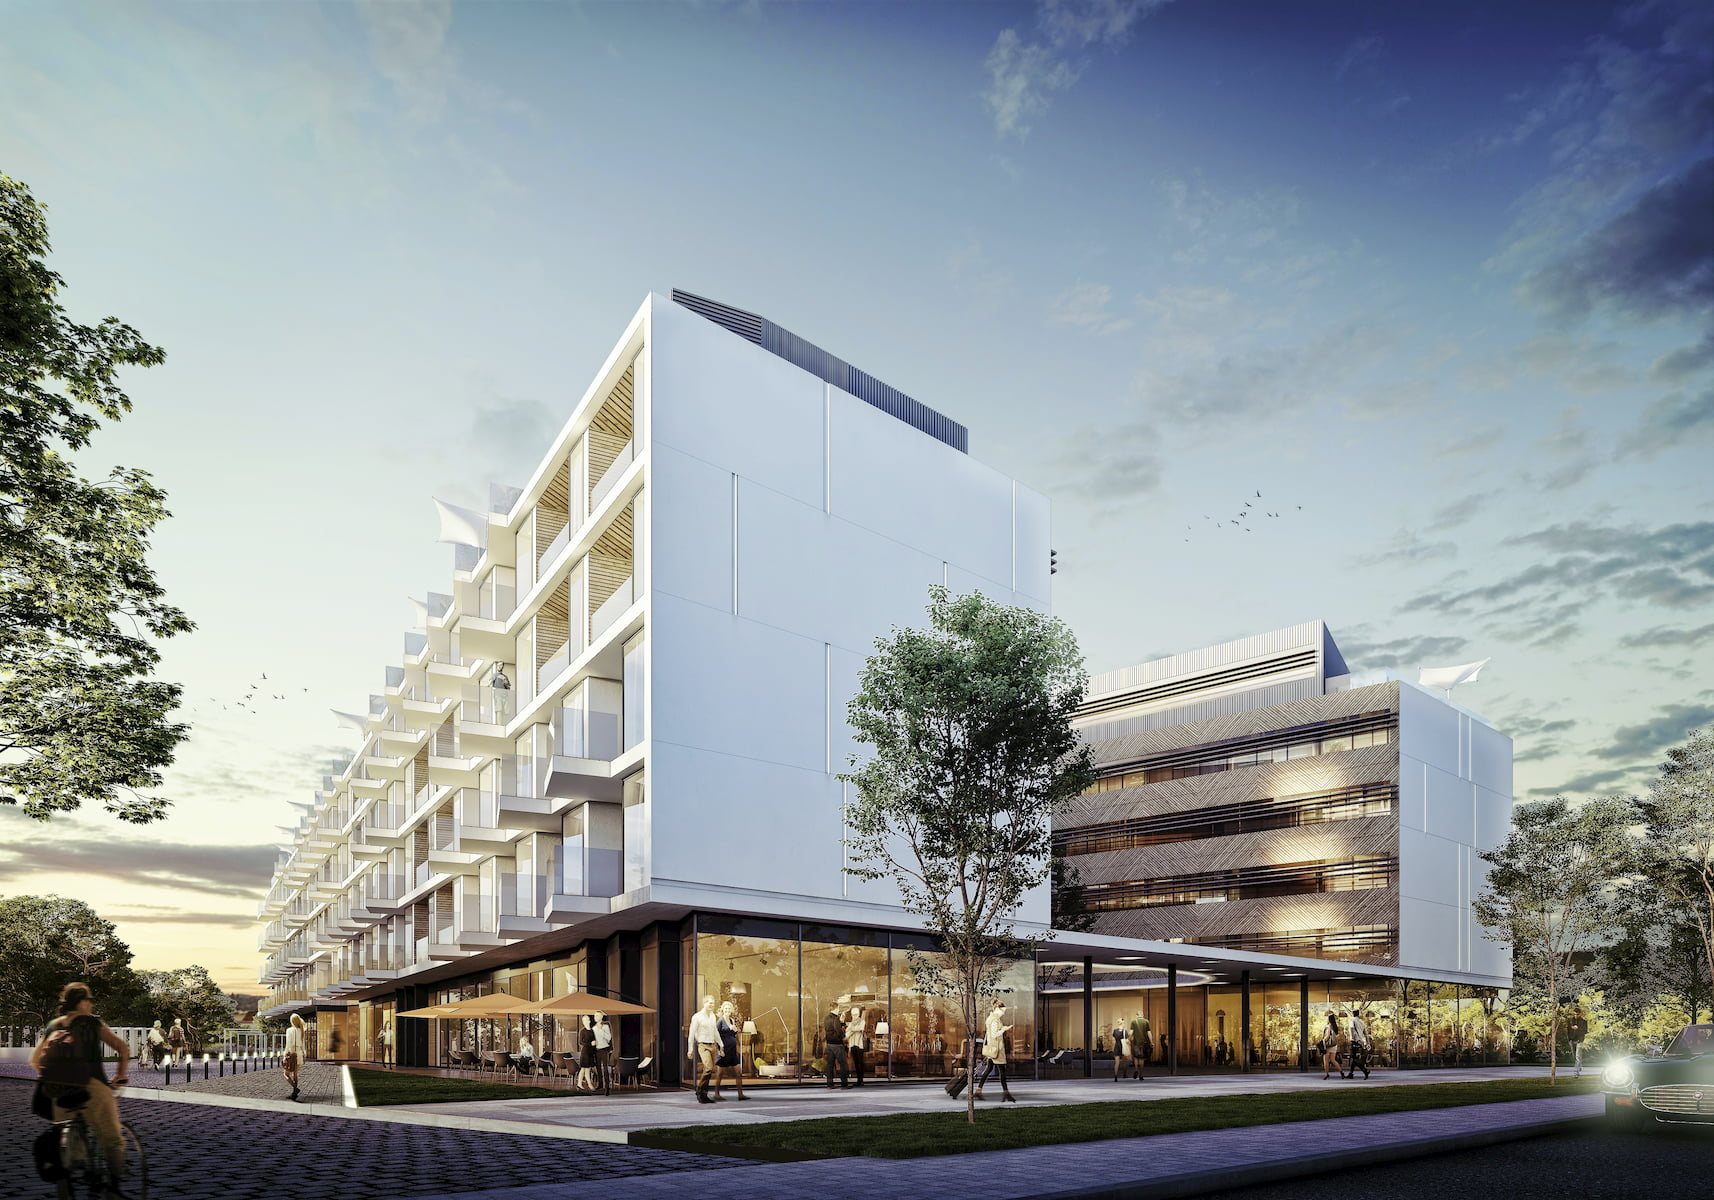 Hotel Resort by the Baltic Sea APA Wojciechowski Architekci 2016 street view